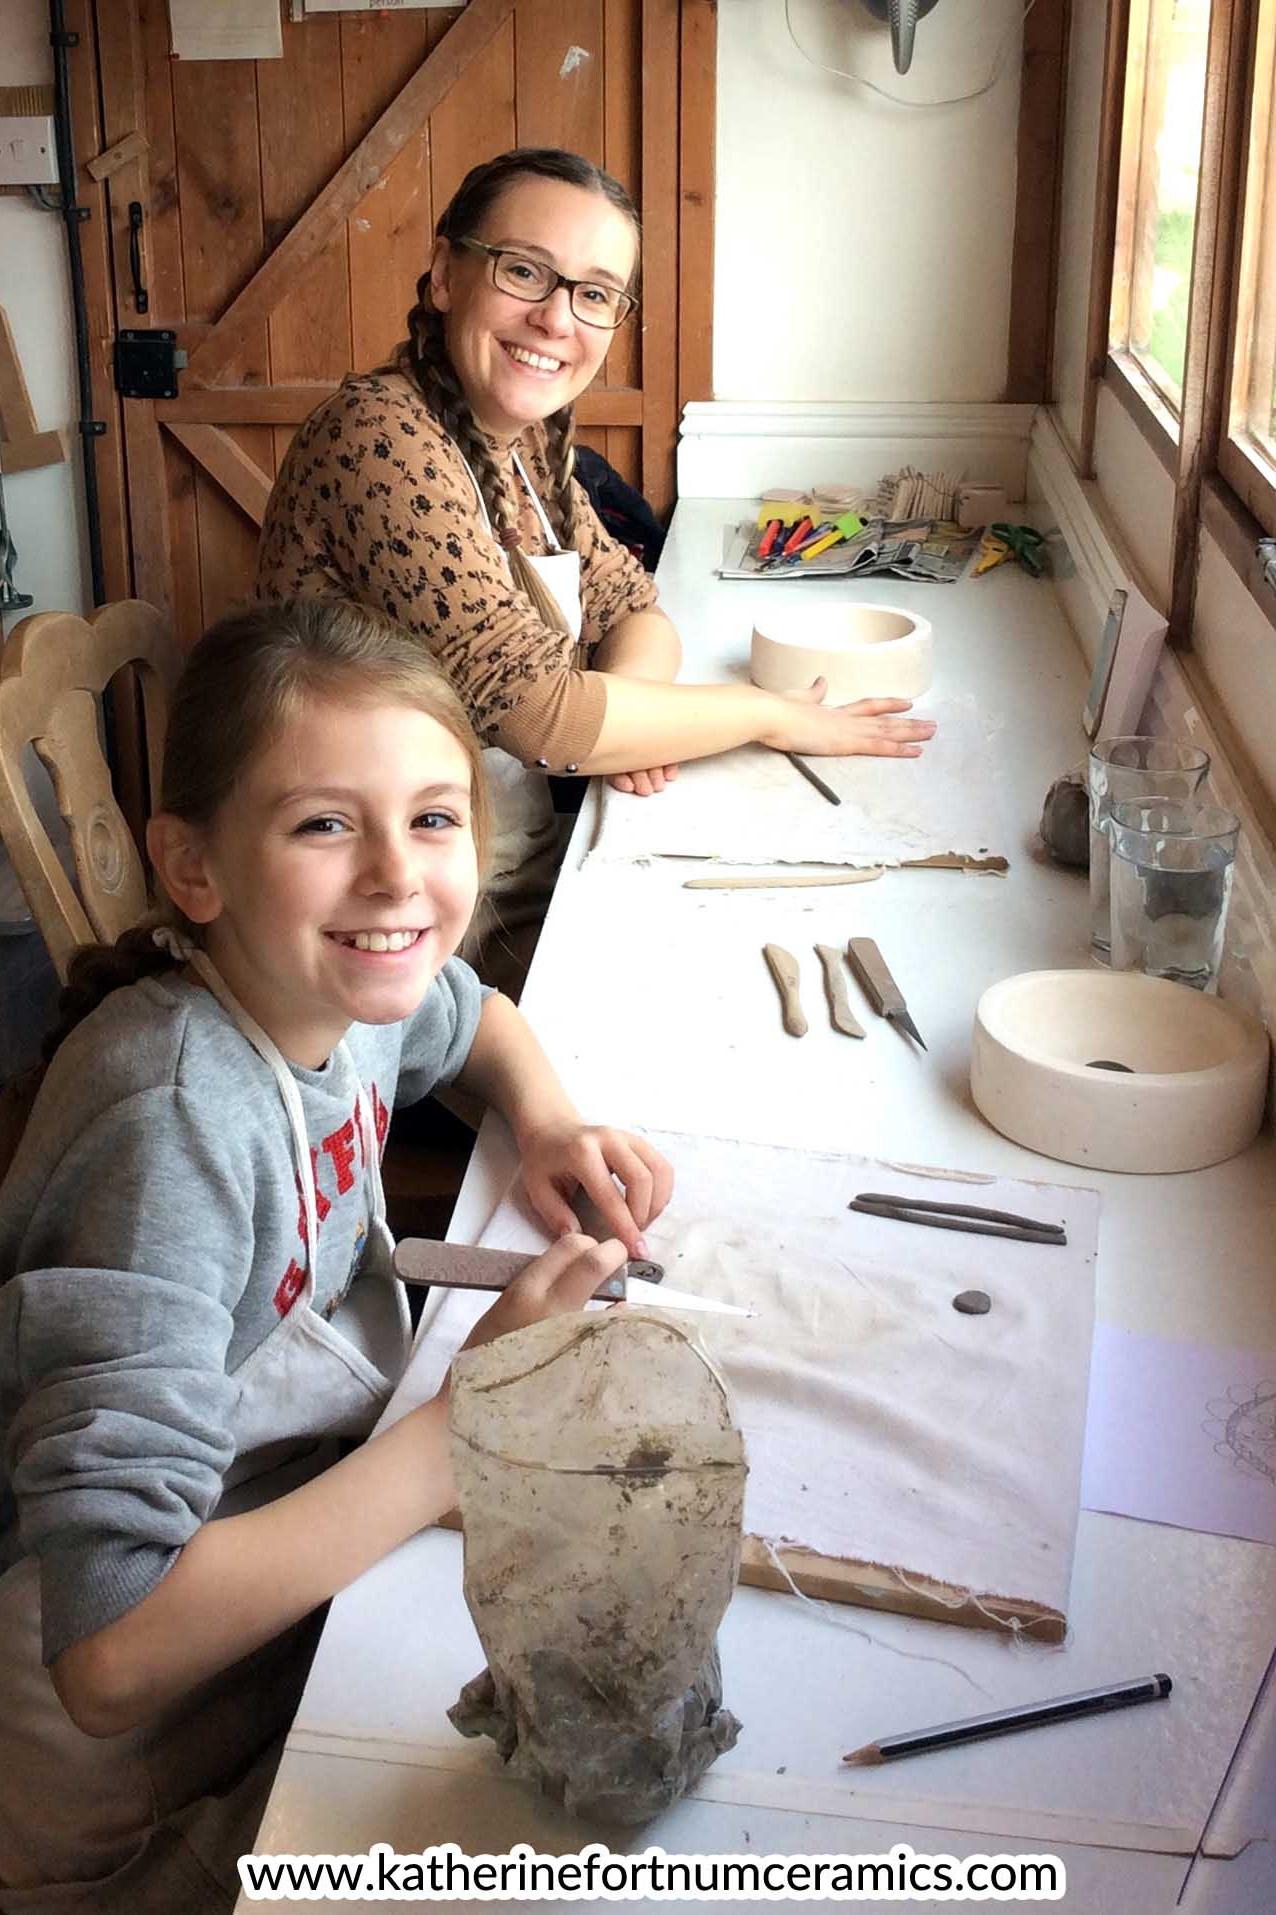 Mum and daughter workshop, at Katherine Fortnum Ceramics